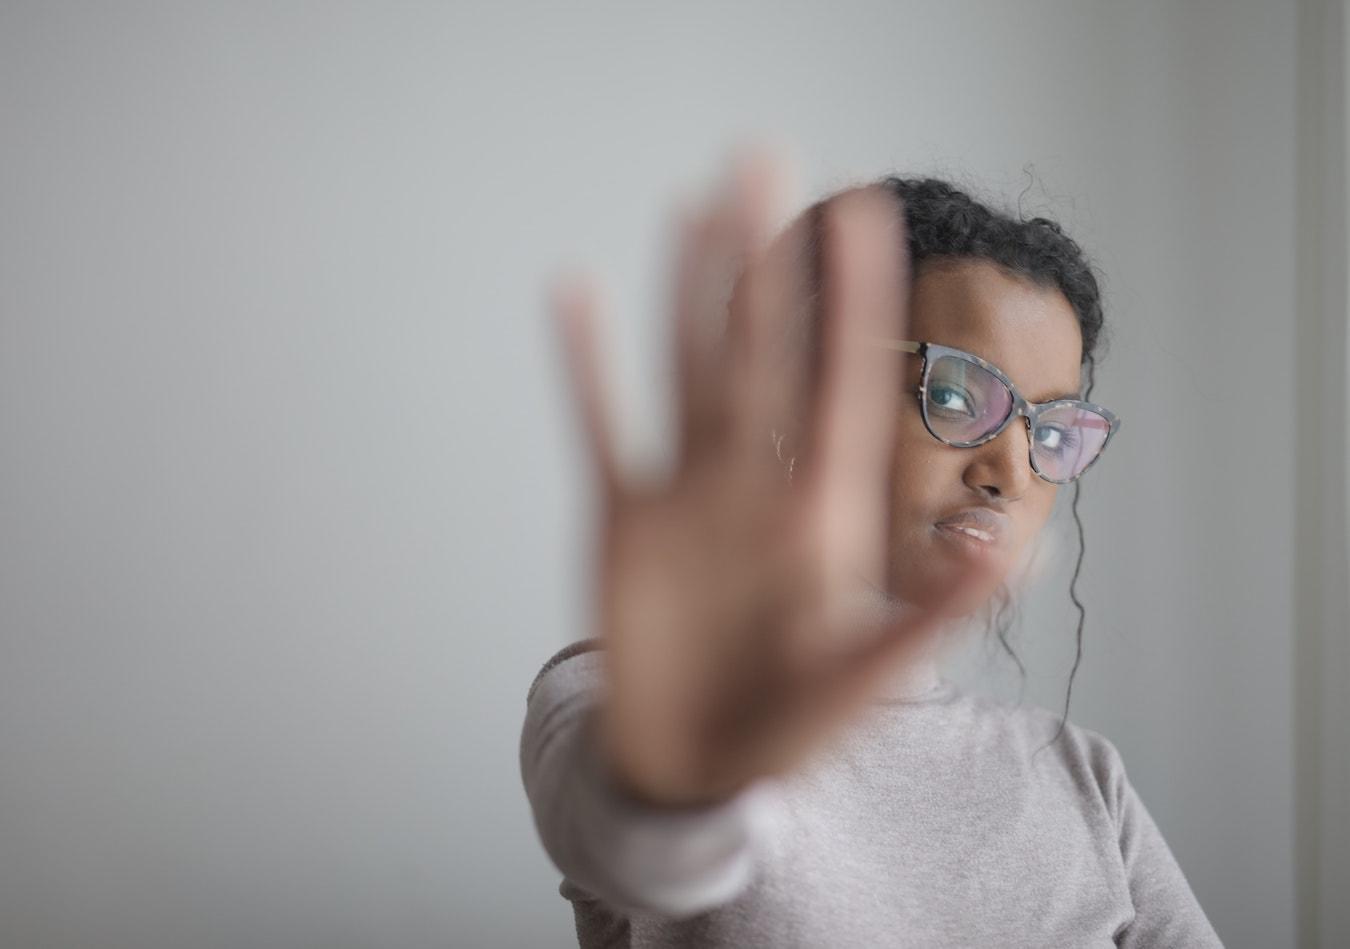 junge Frau hält ihre Handfläche ablehnend vor sie Angst vor Ablehnung